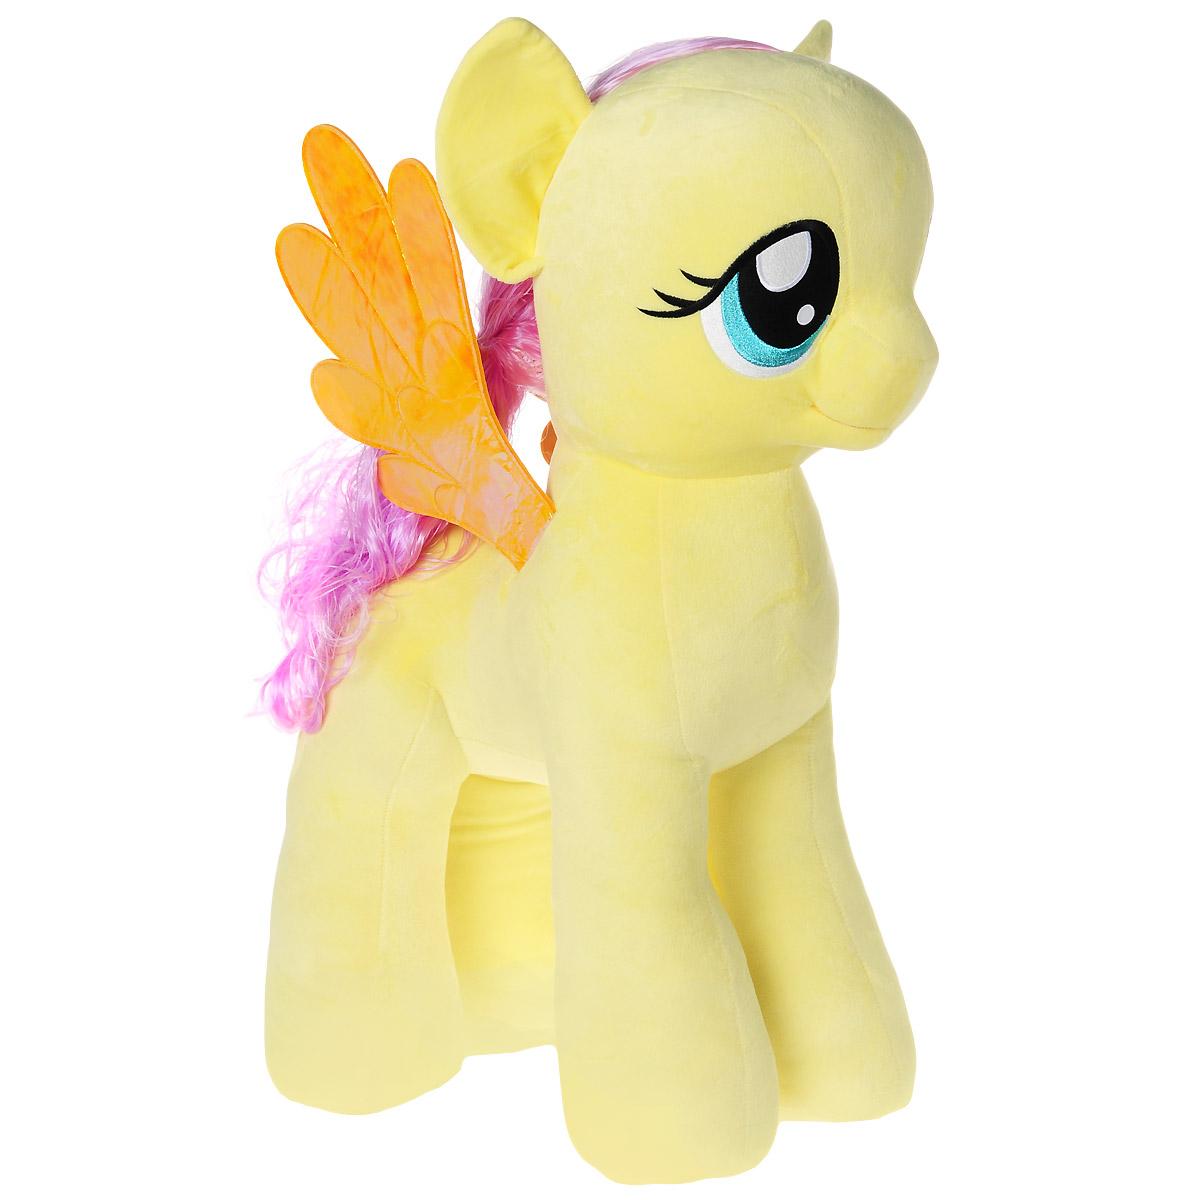 """Фото My Little Pony Мягкая игрушка """"Пони Fluttershy"""", 68 см. Покупайте с доставкой по России"""